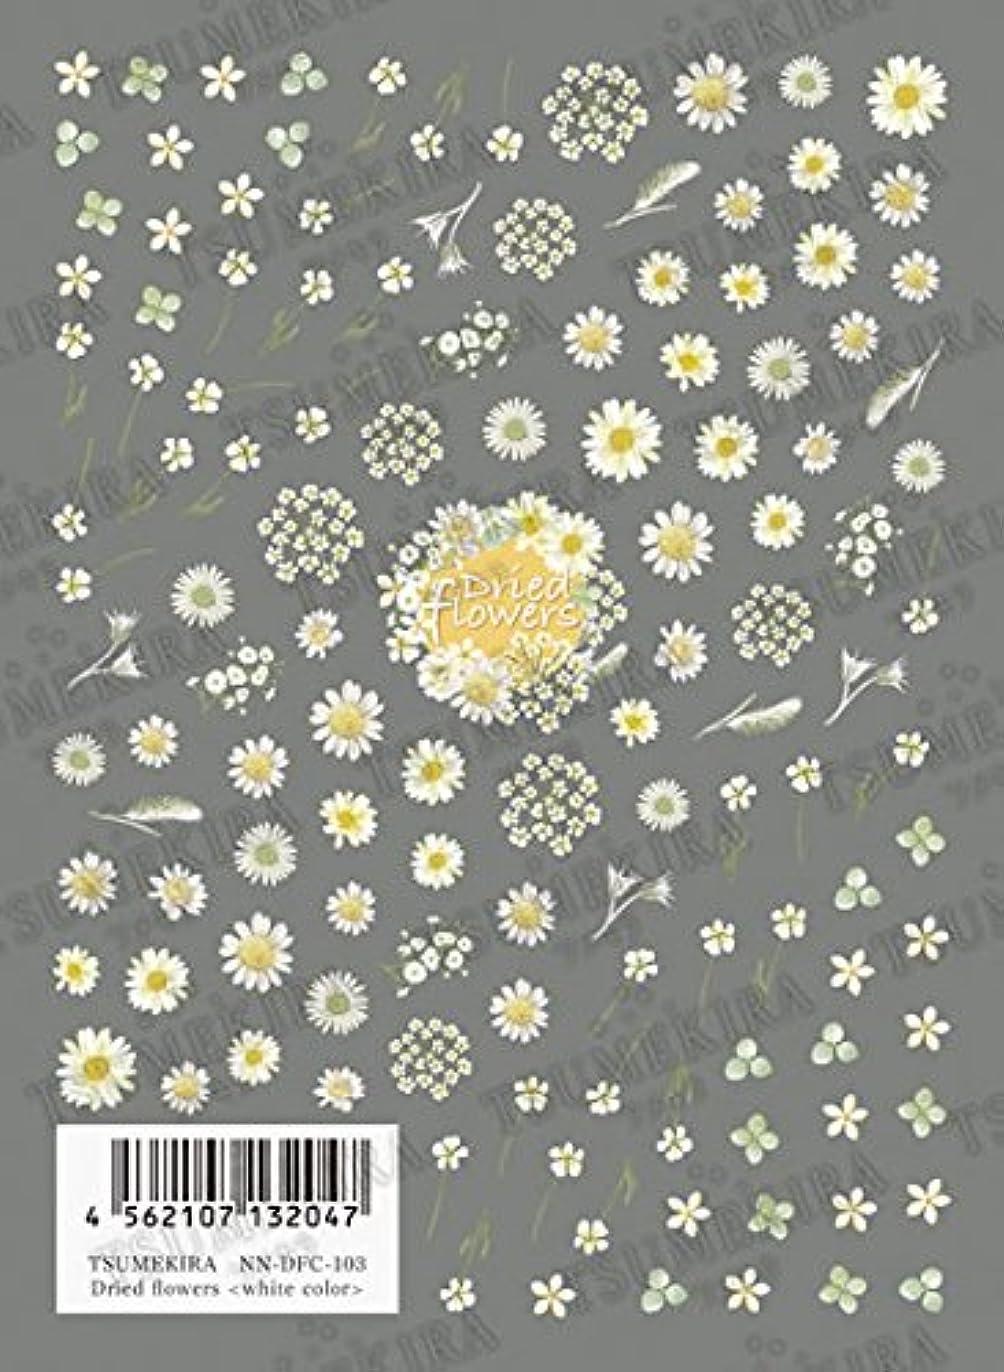 焼くハブ例TSUMEKIRA Dried flowers white color NN-DFC-103